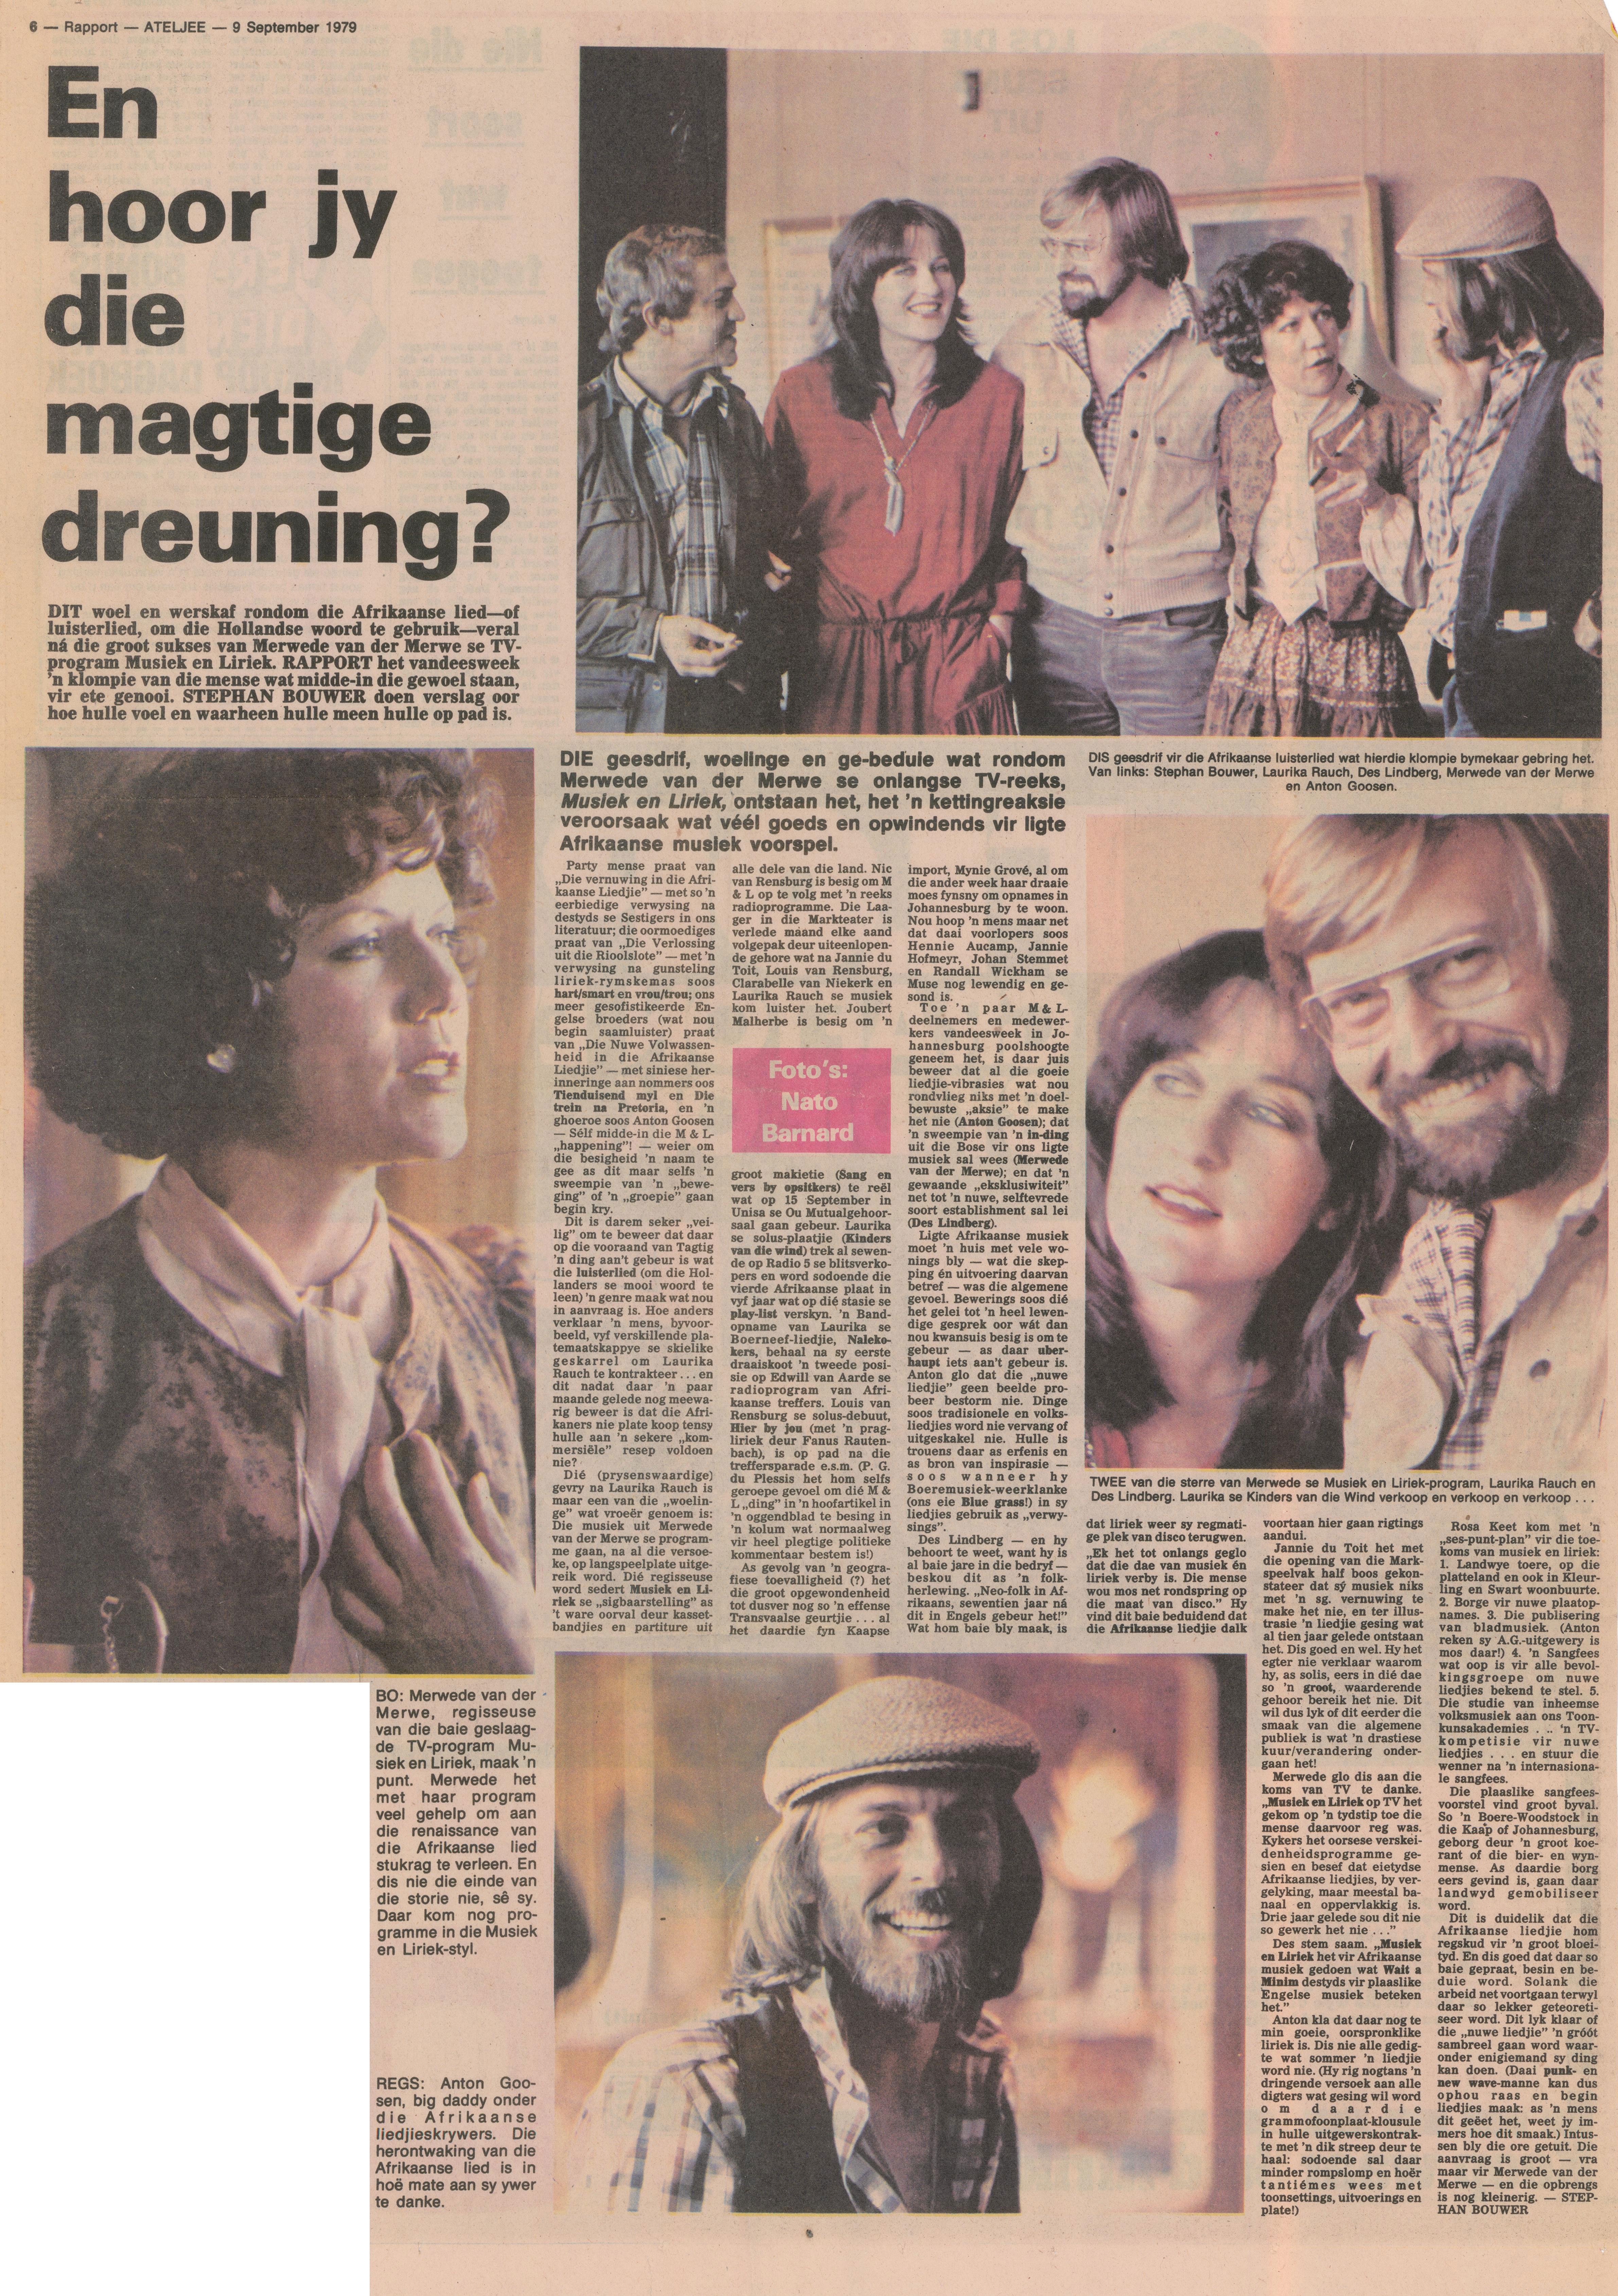 1979 Rapport - En hoor jy die magtige dreuning